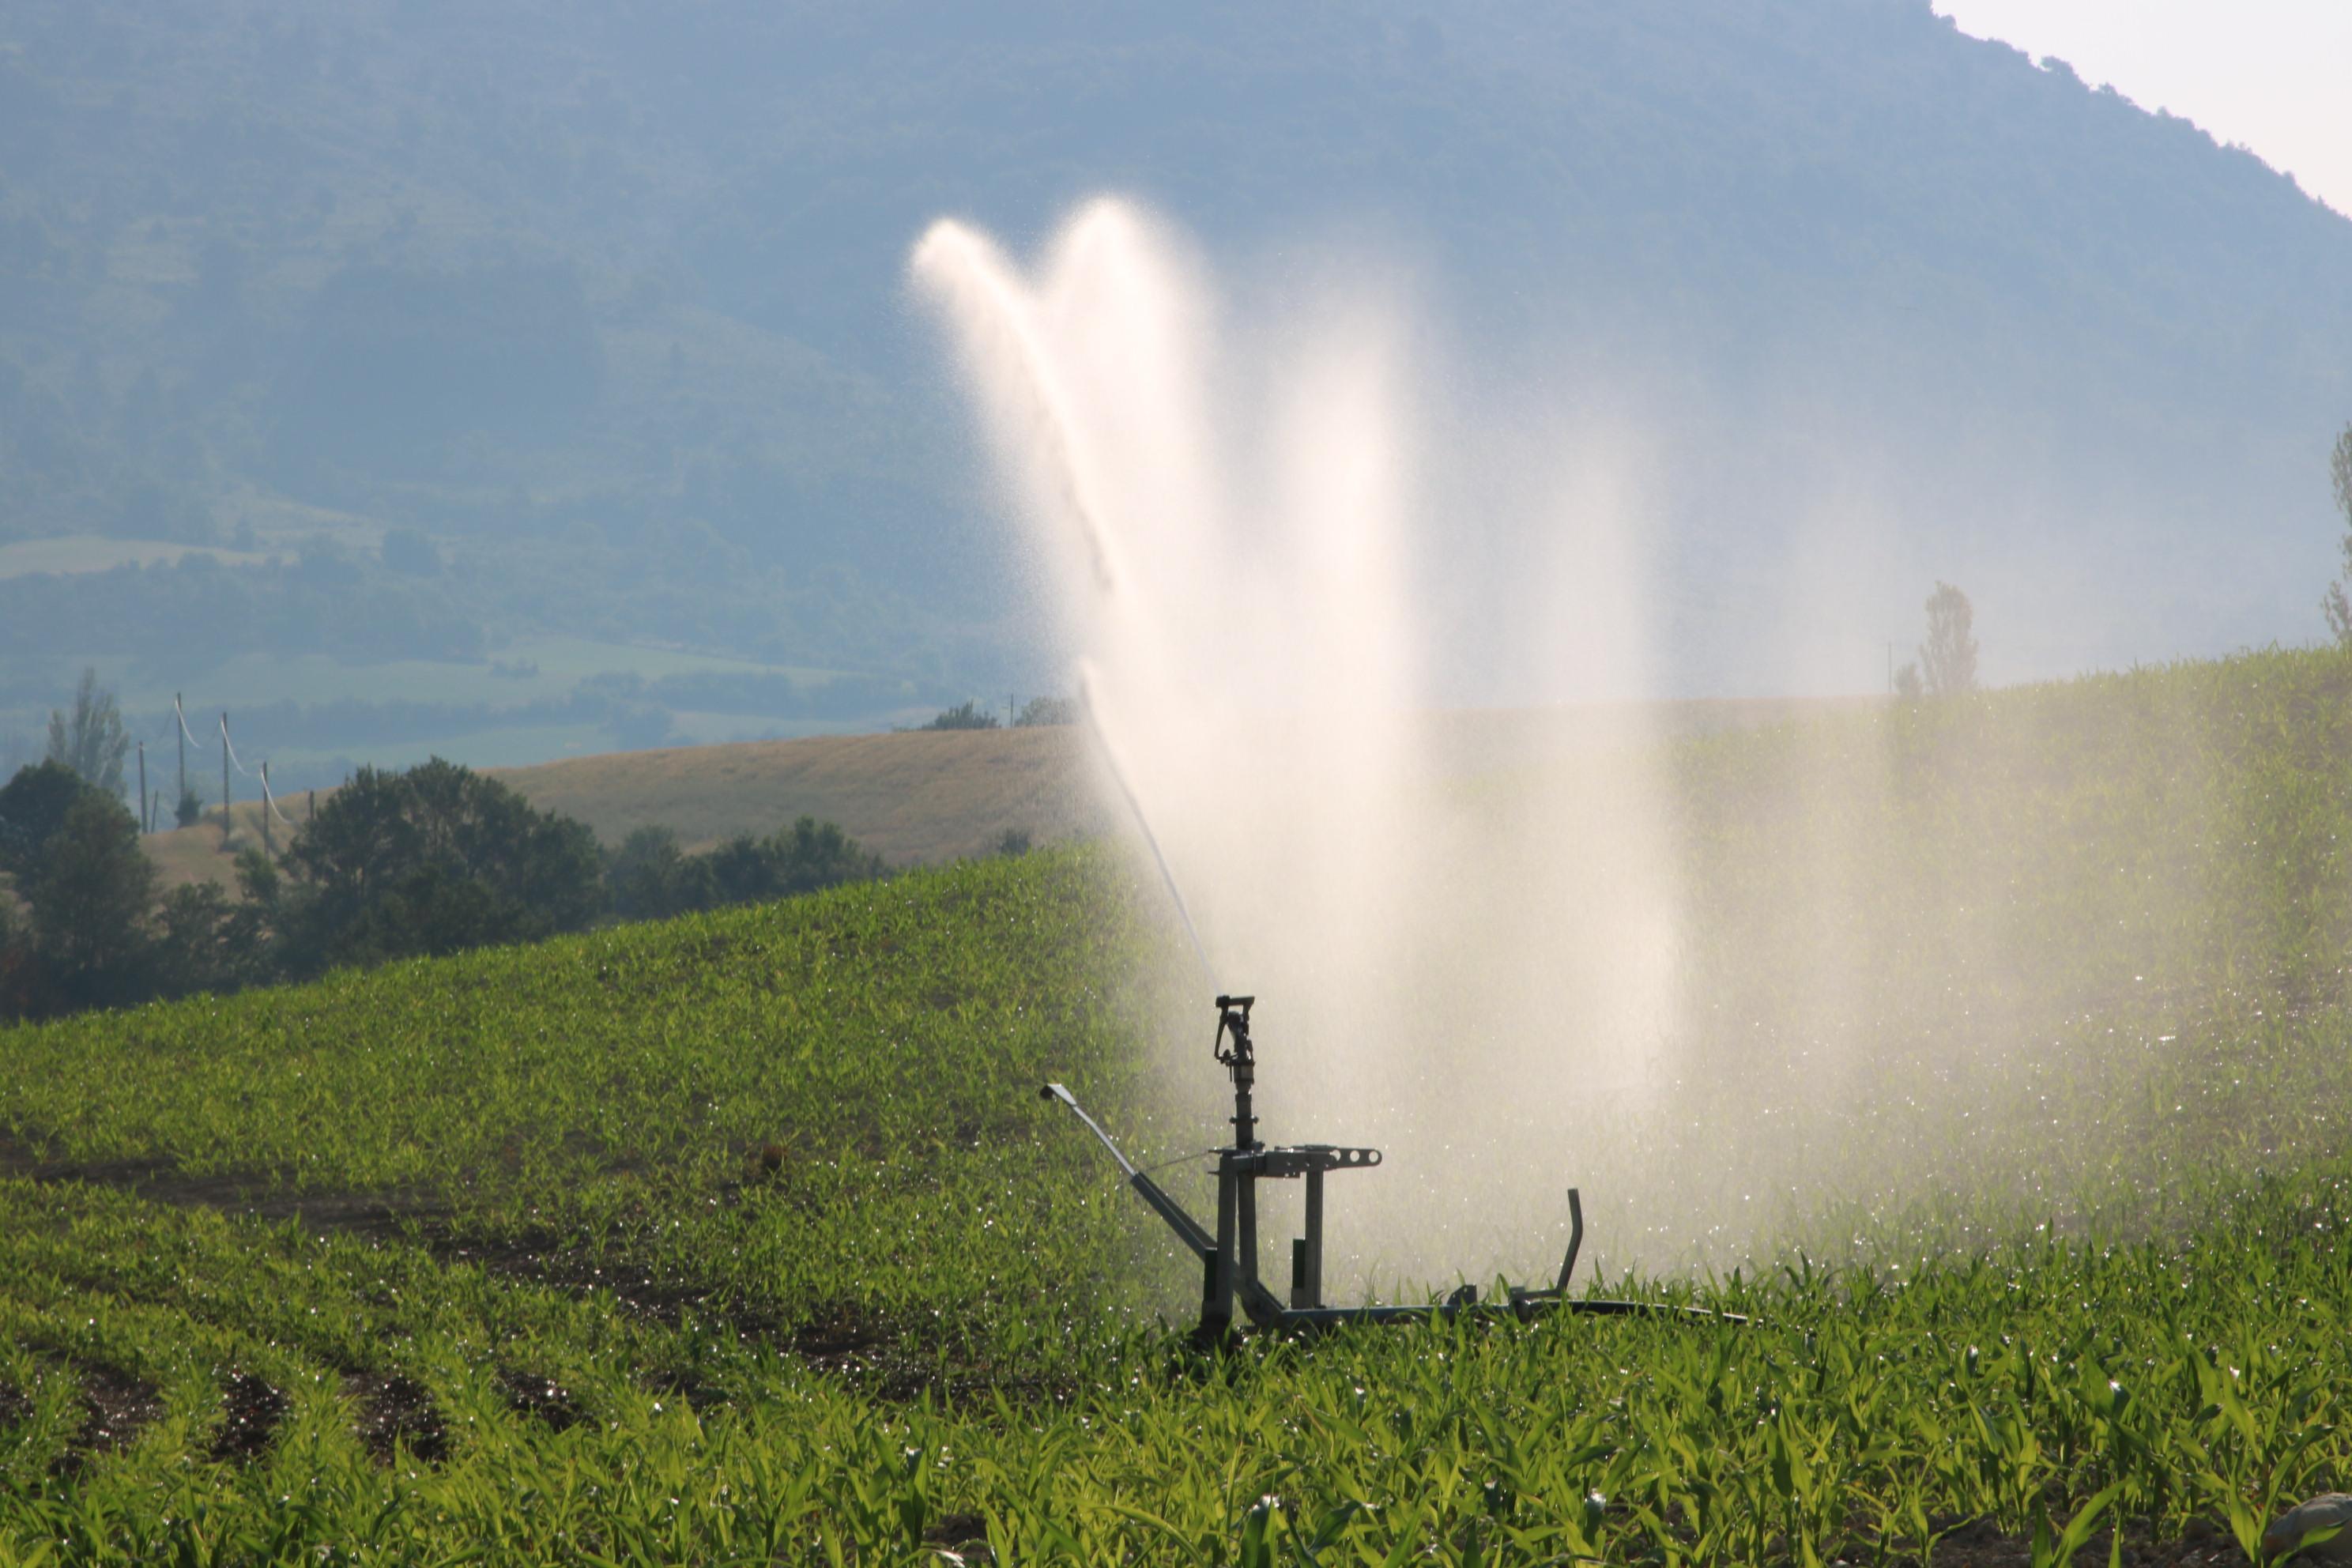 Irrigation_d%27un_champ_de_mais_dans_la_vall%C3%A9e_de_la_M%C3%A9ouge_%28Dr%C3%B4me%29.jpg